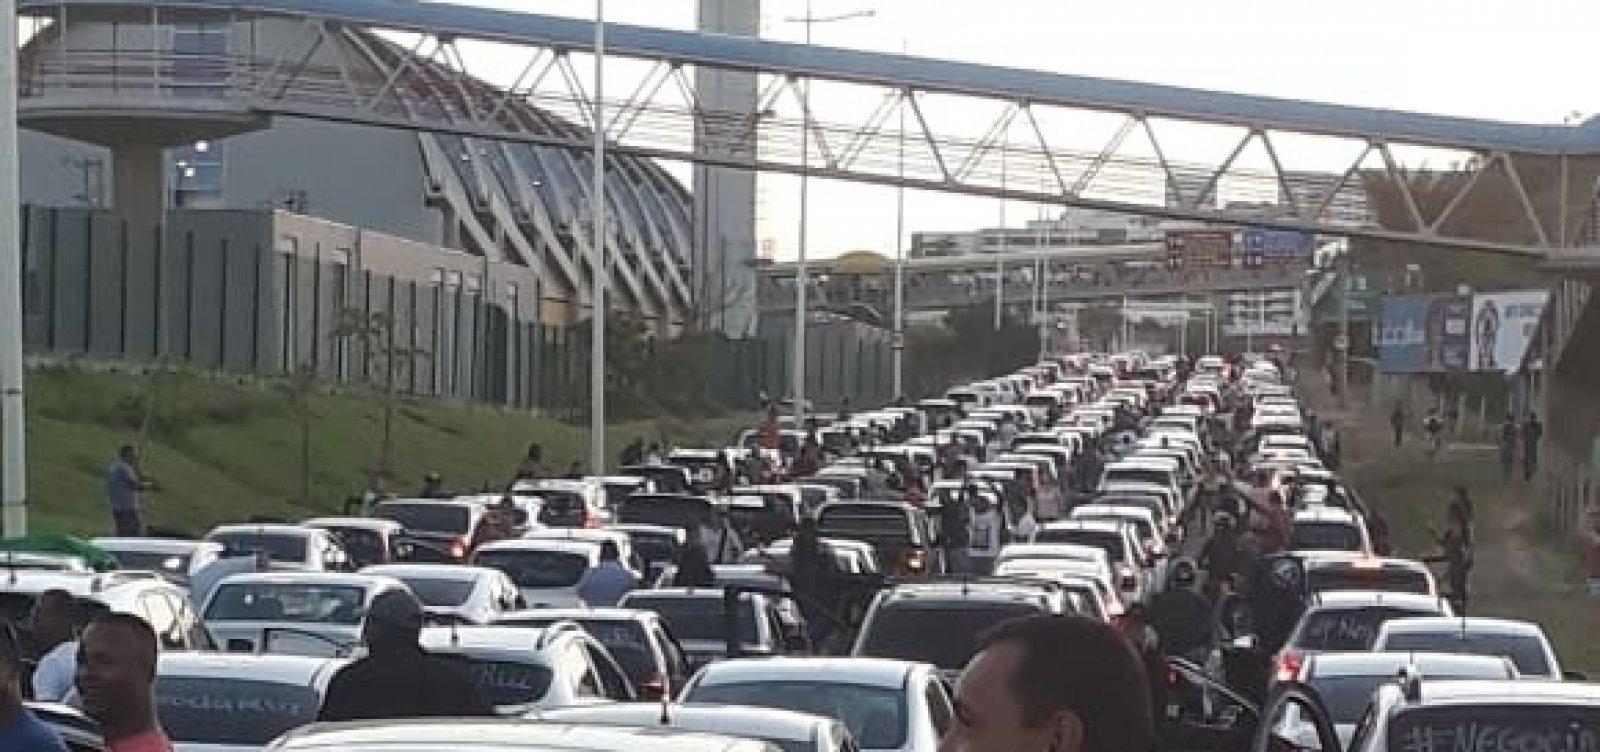 [Grupo de PMs sai em carreata e deixa Av. Paralela congestionada; veja vídeo]